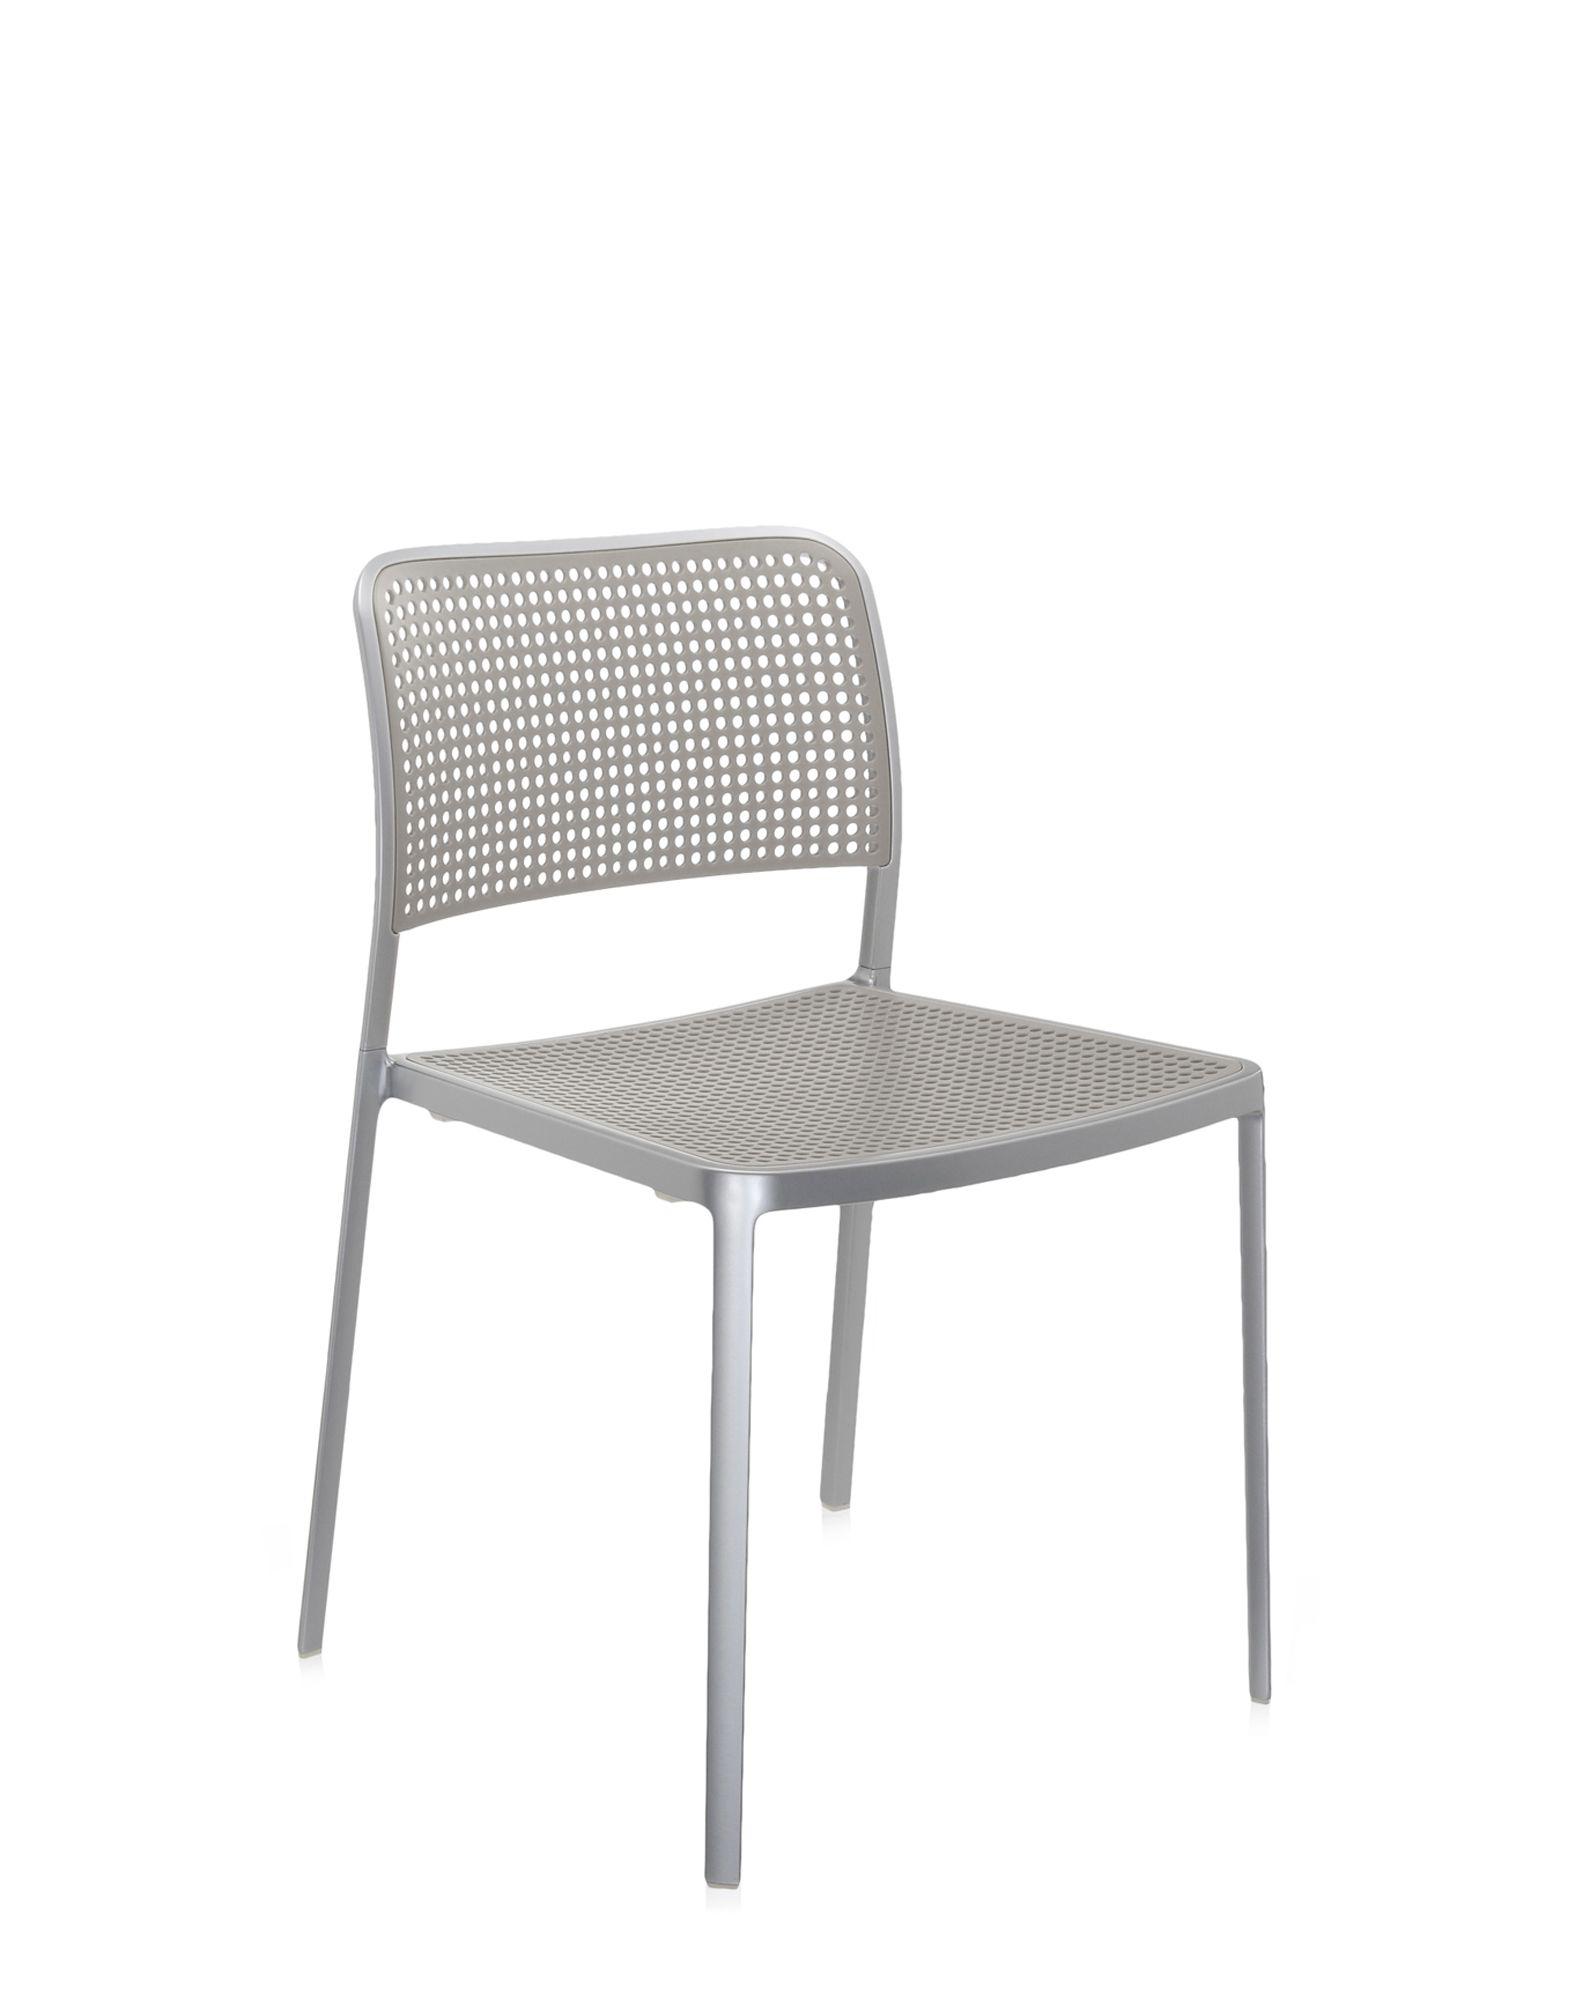 Kartell audrey grigio chiaro alluminio lucidato sedie for Sedie design kartell